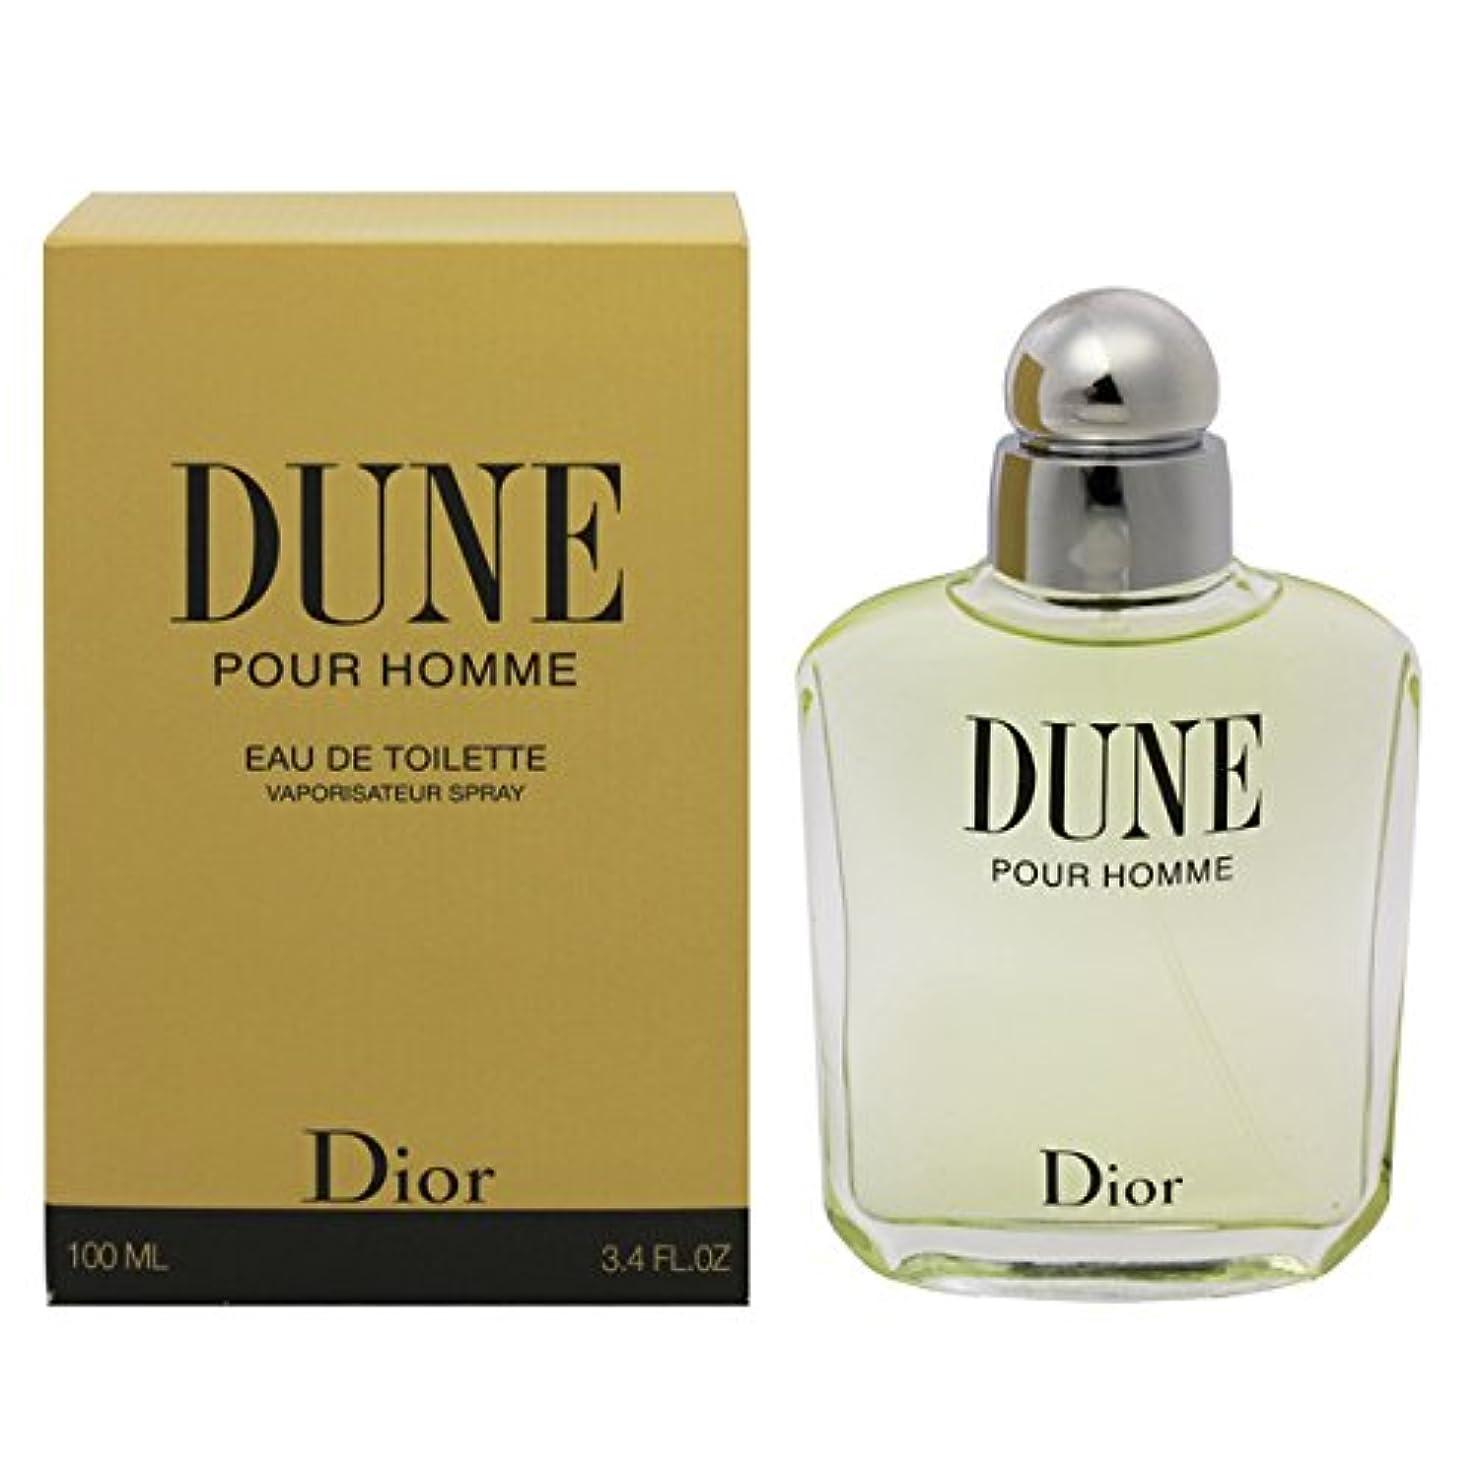 マネージャー後世協力クリスチャン ディオール(Christian Dior) デューン プールオム EDT SP 100ml[並行輸入品]